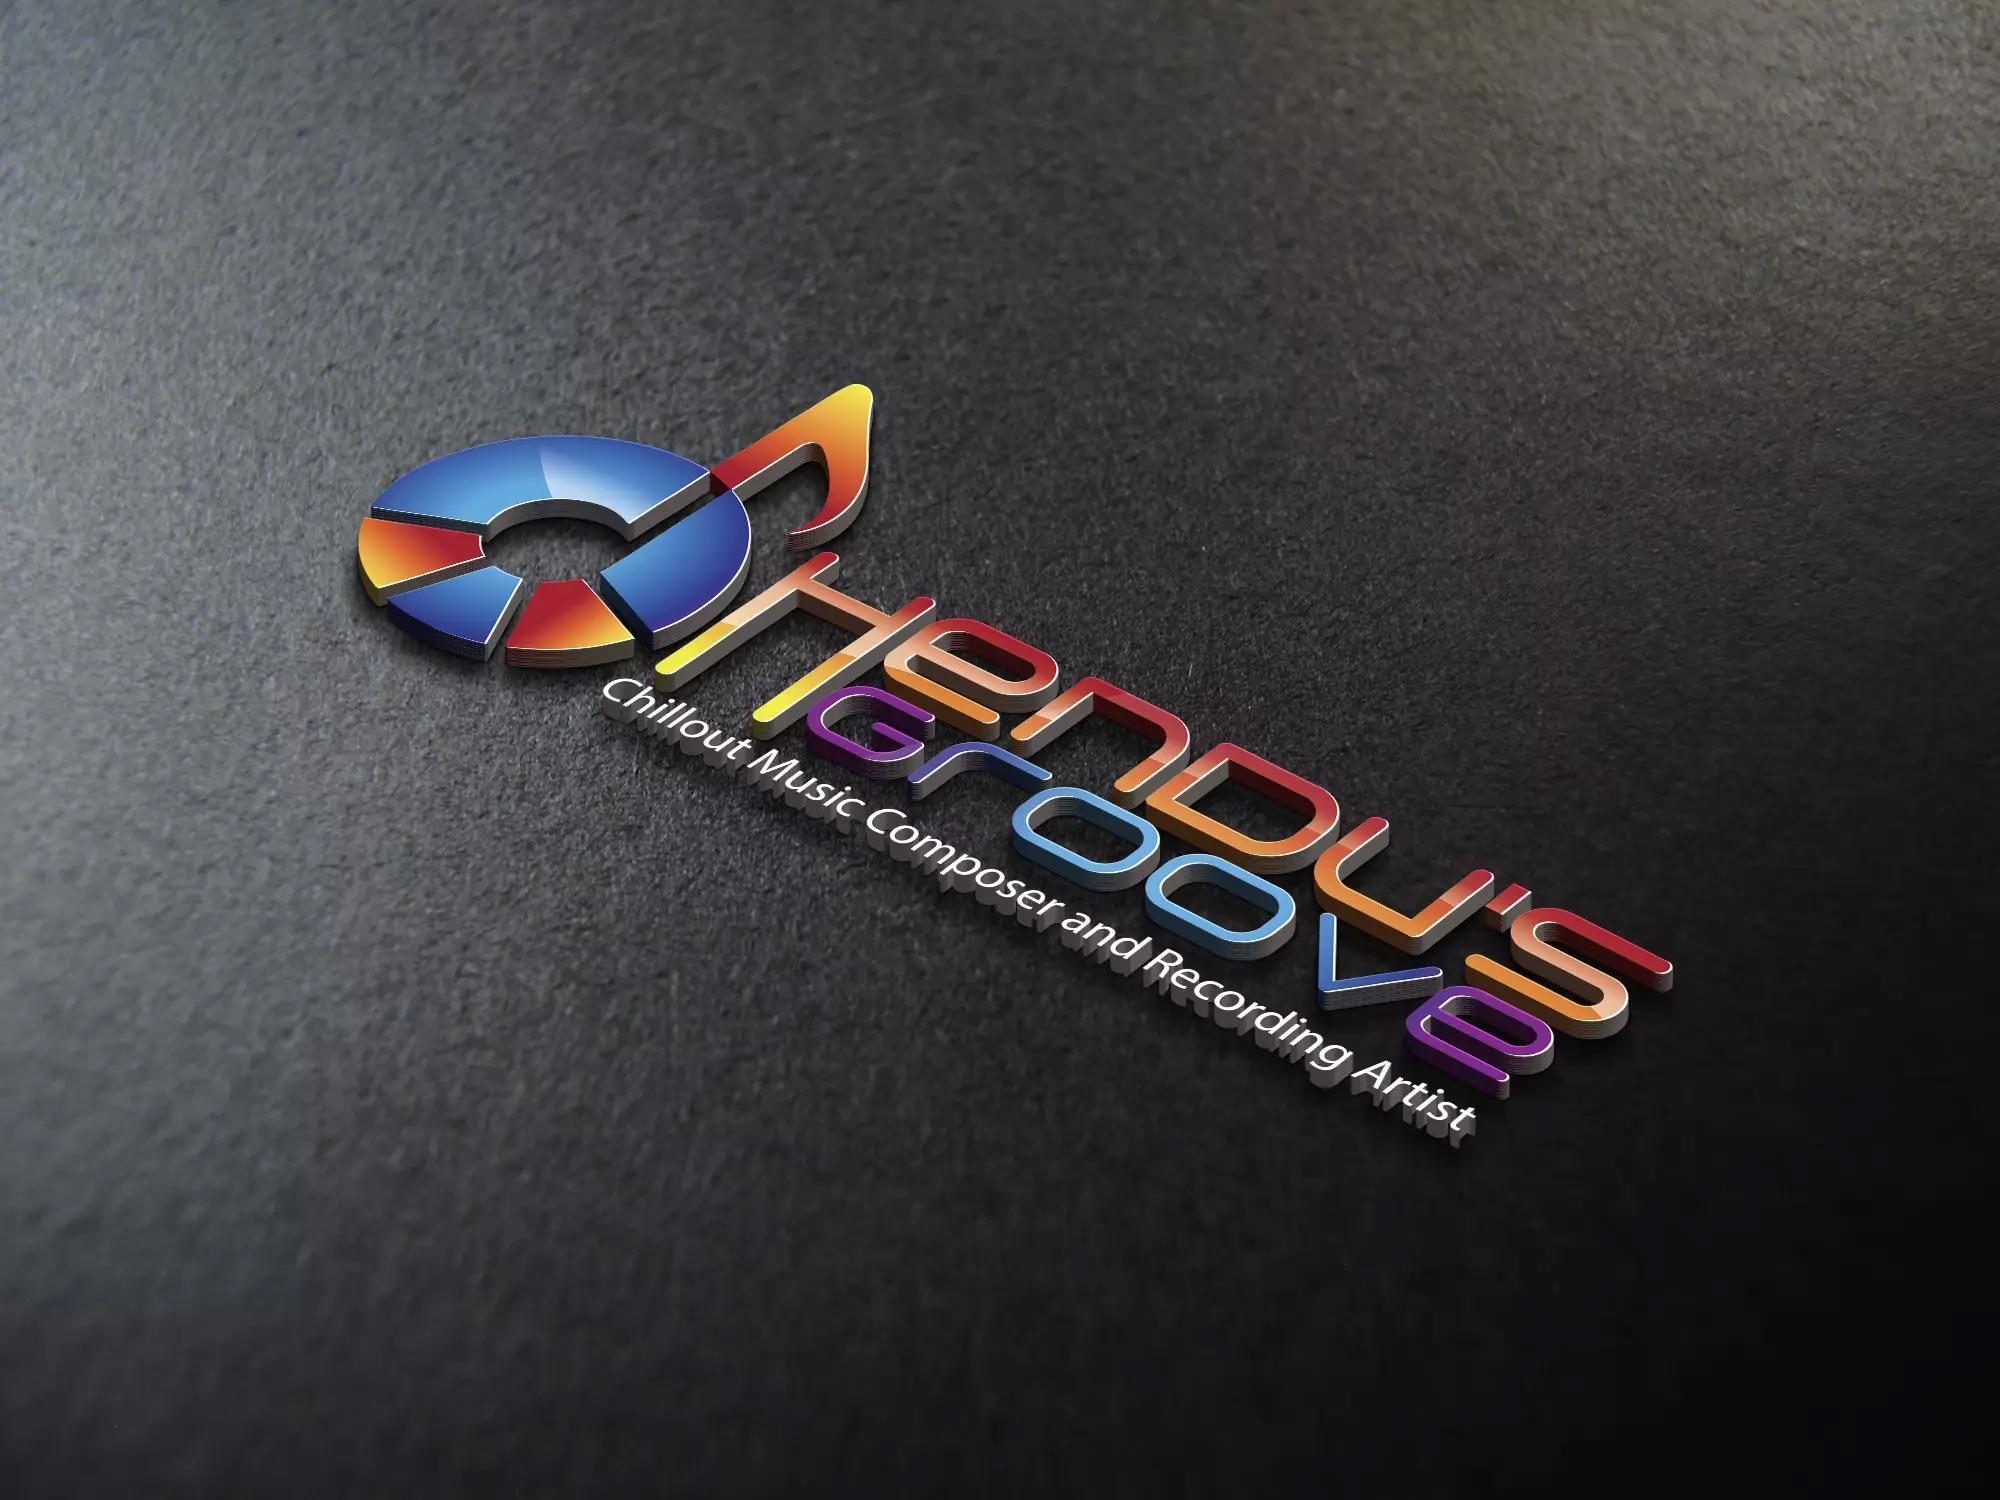 hendus_groove_logo__mokup